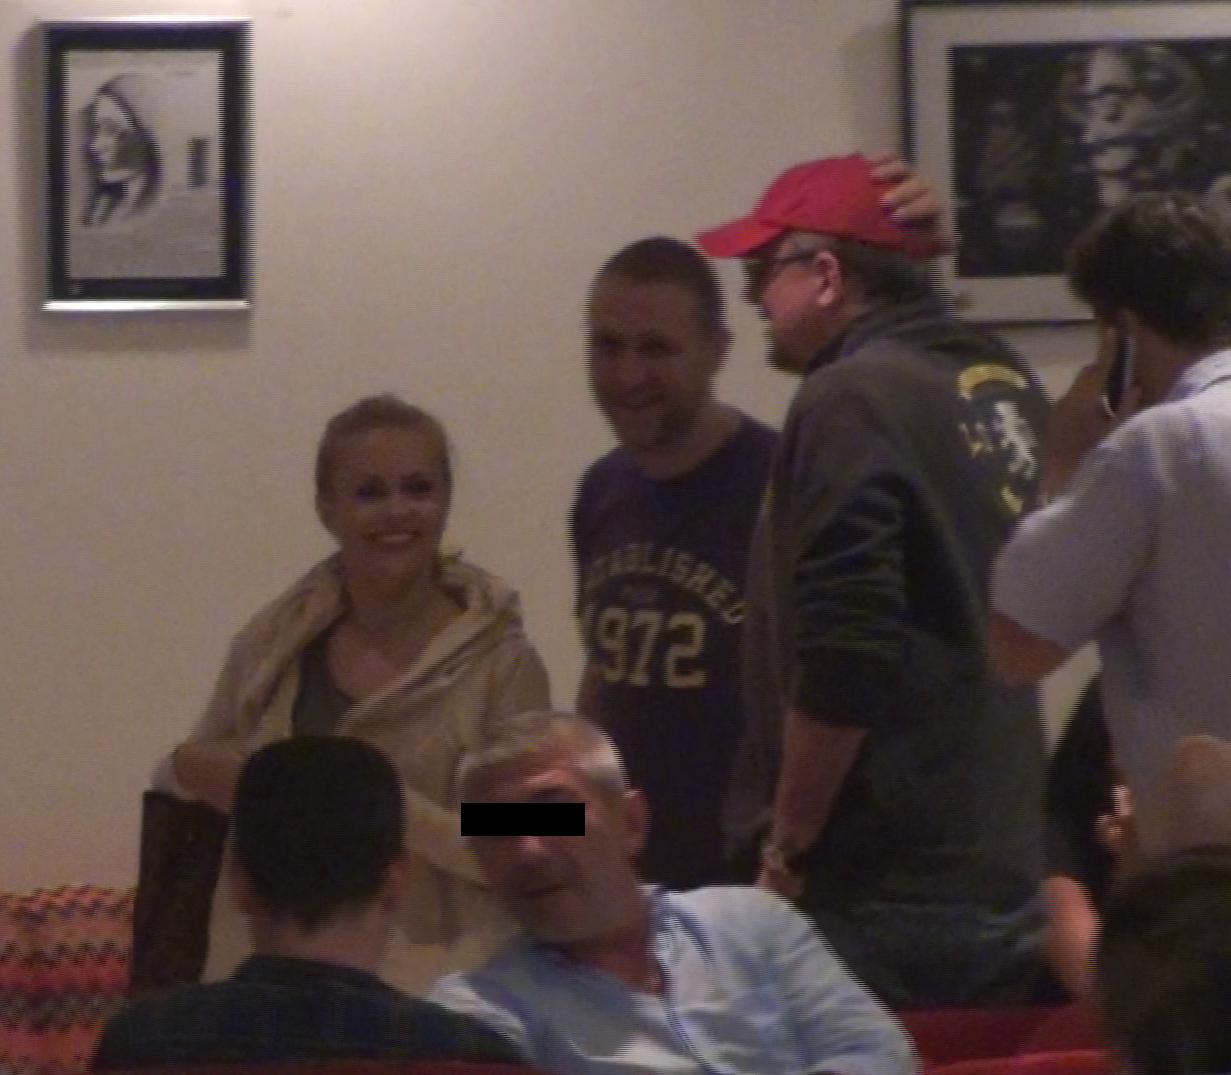 Simona si Razvan rad cu pofta la o gluma facuta de amicii lor